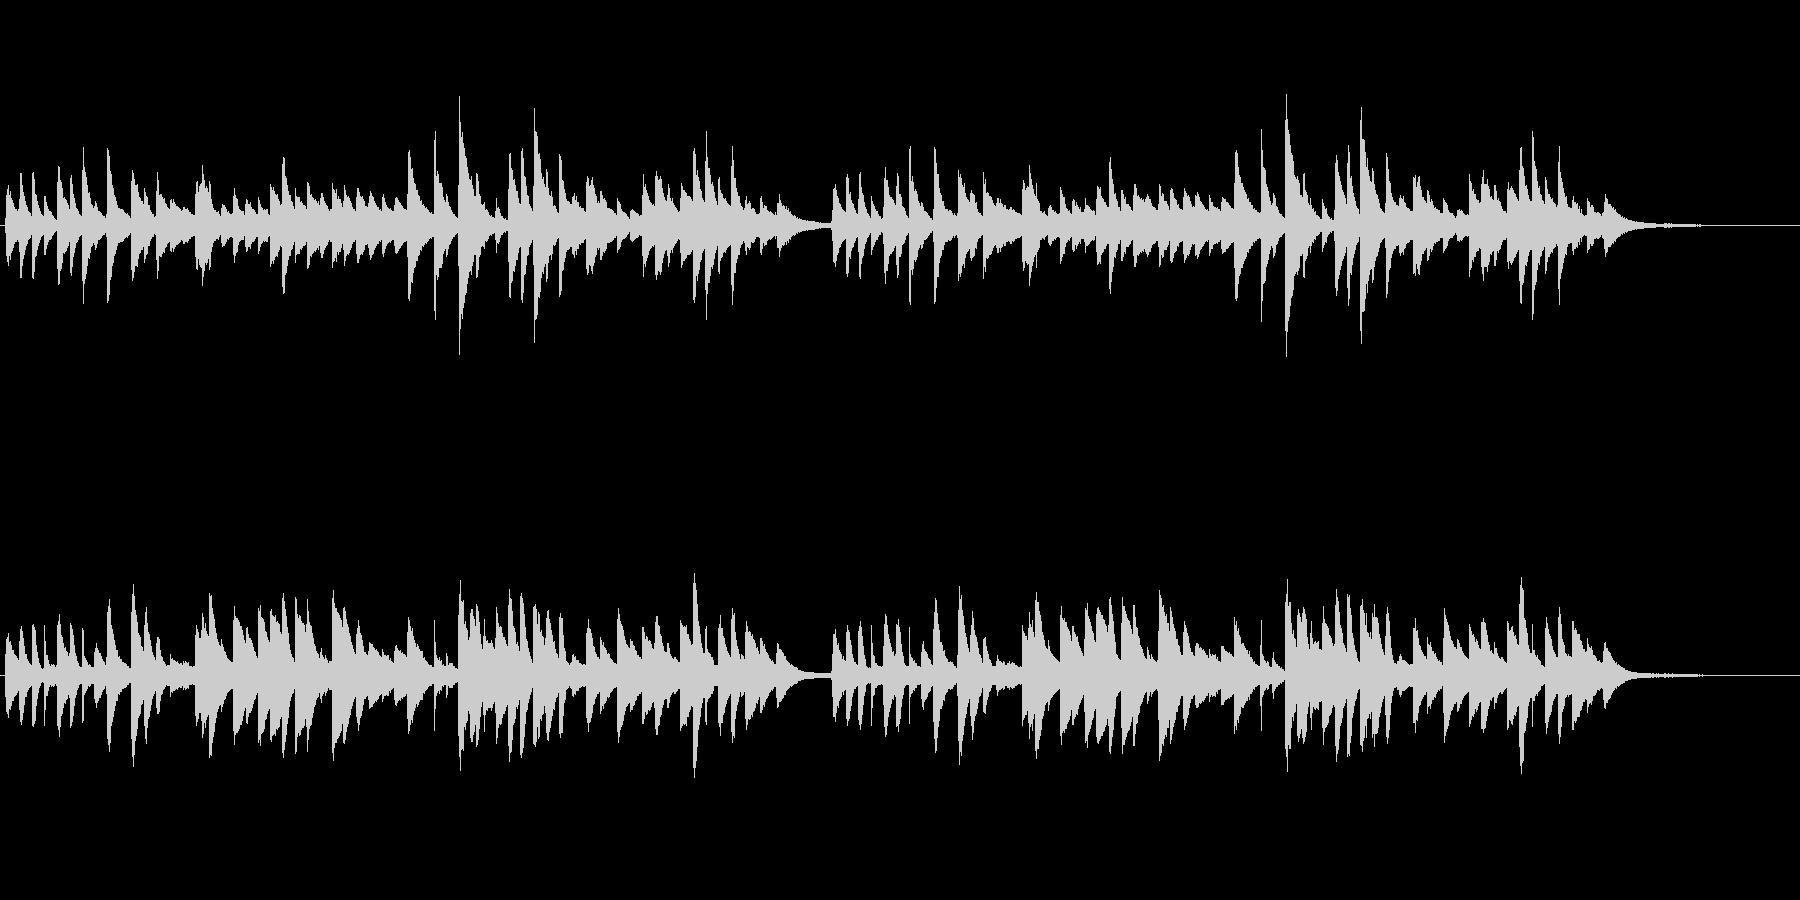 童謡「ひな祭り」シンプルなピアノソロの未再生の波形